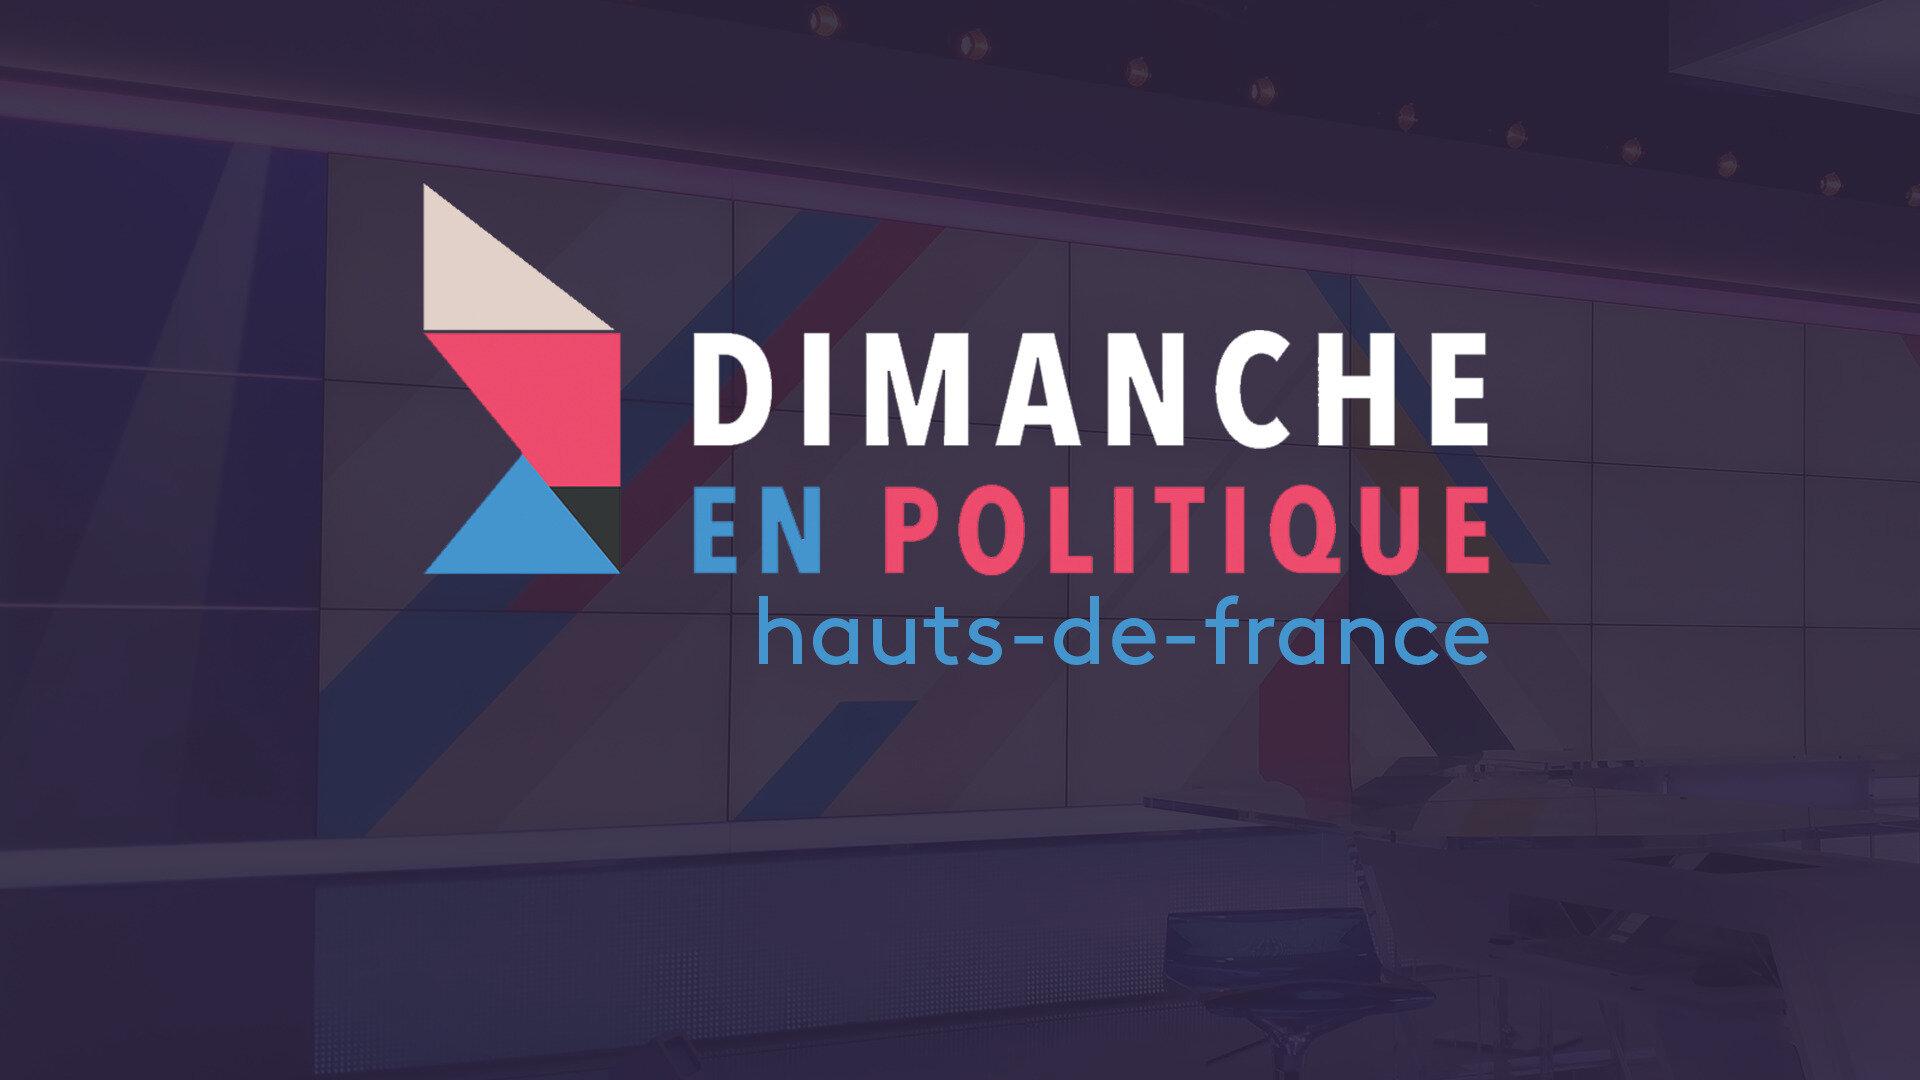 Dimanche en politique - Hauts-de-France